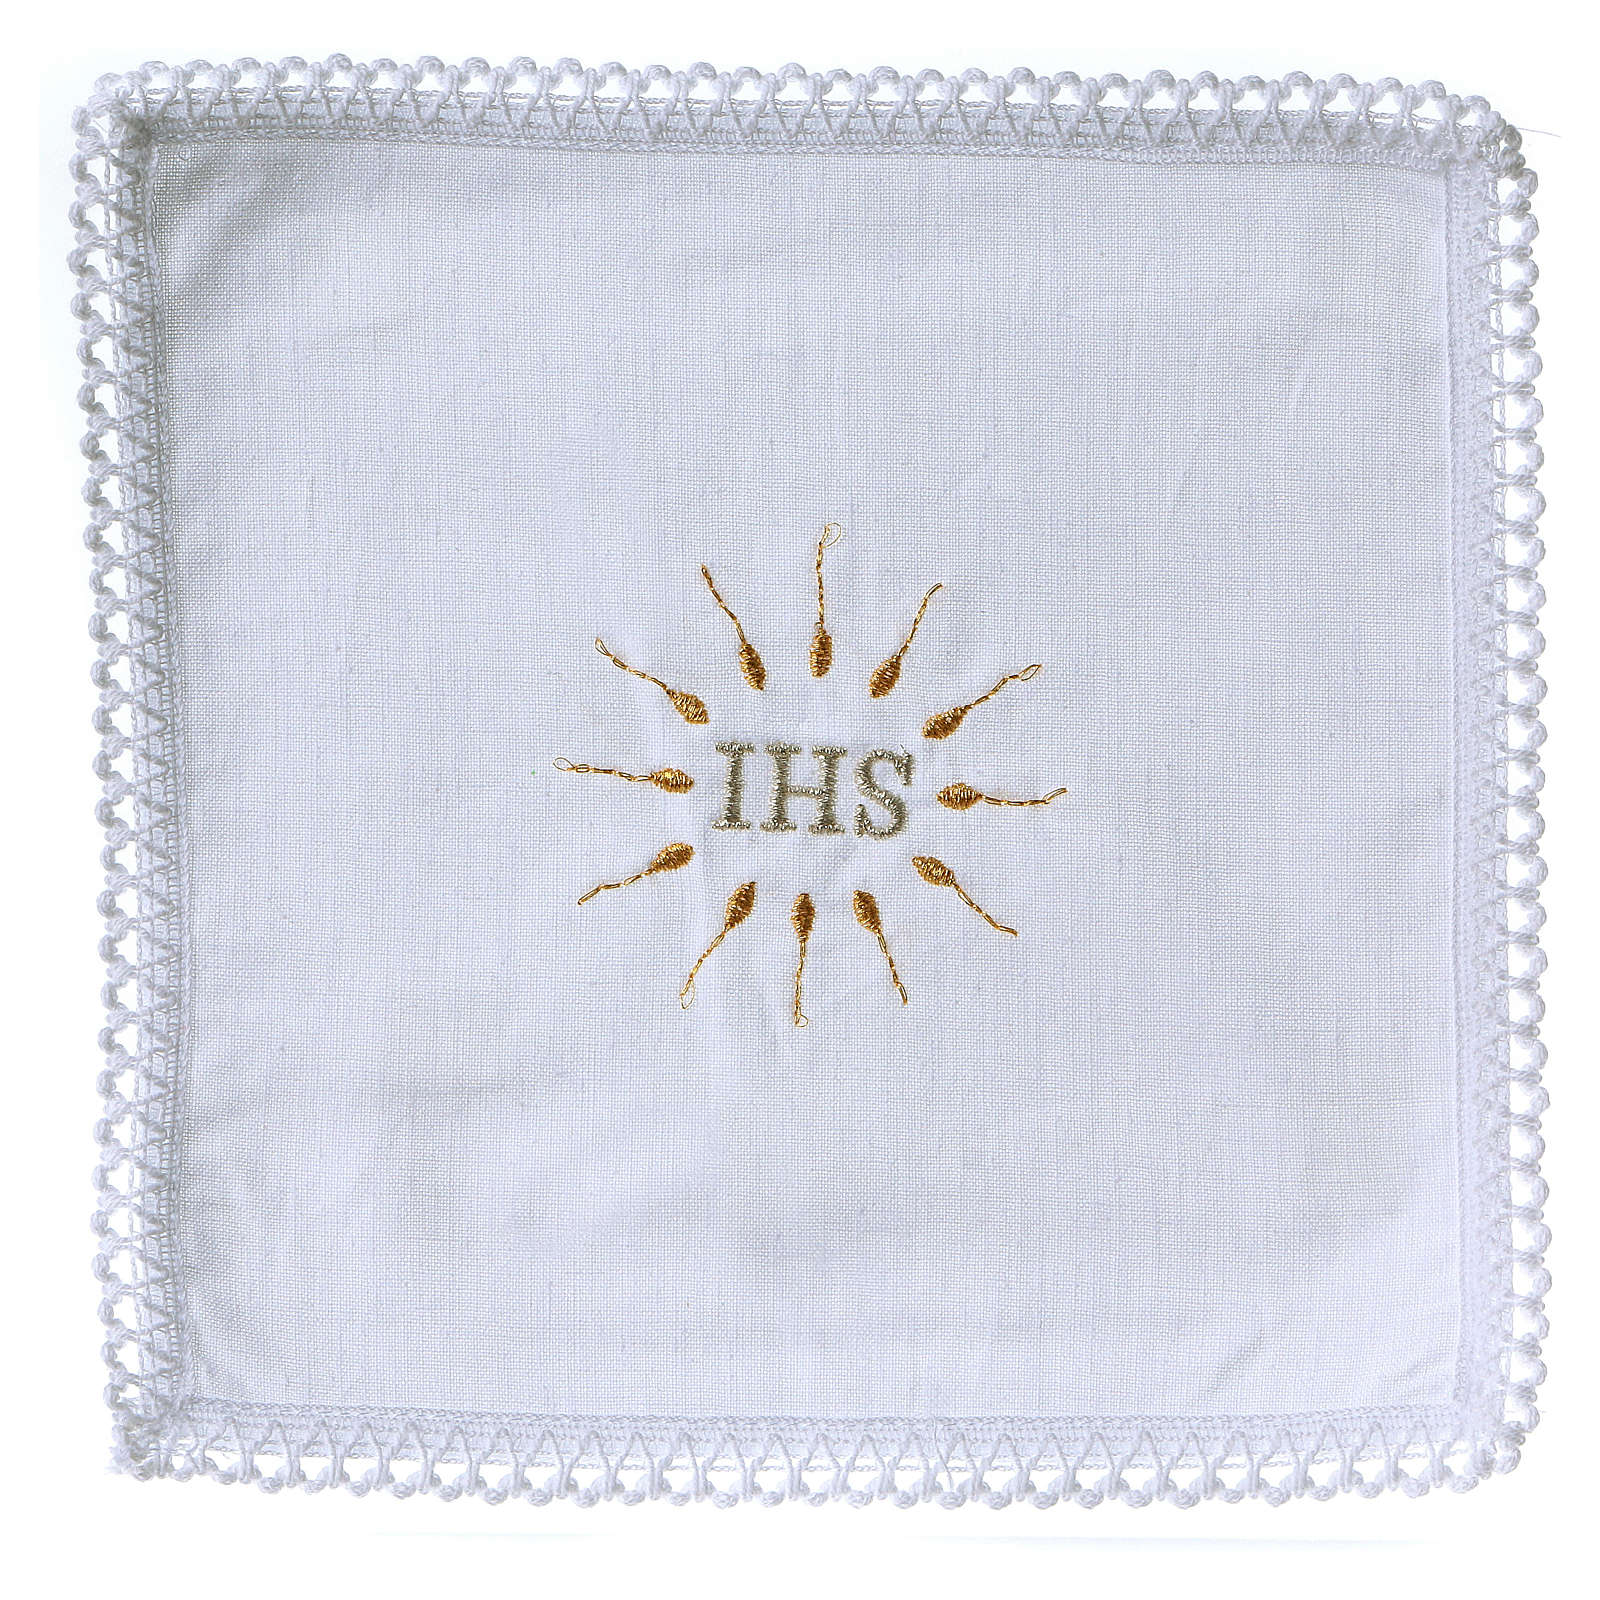 Servizio da messa IHS in puro cotone 4